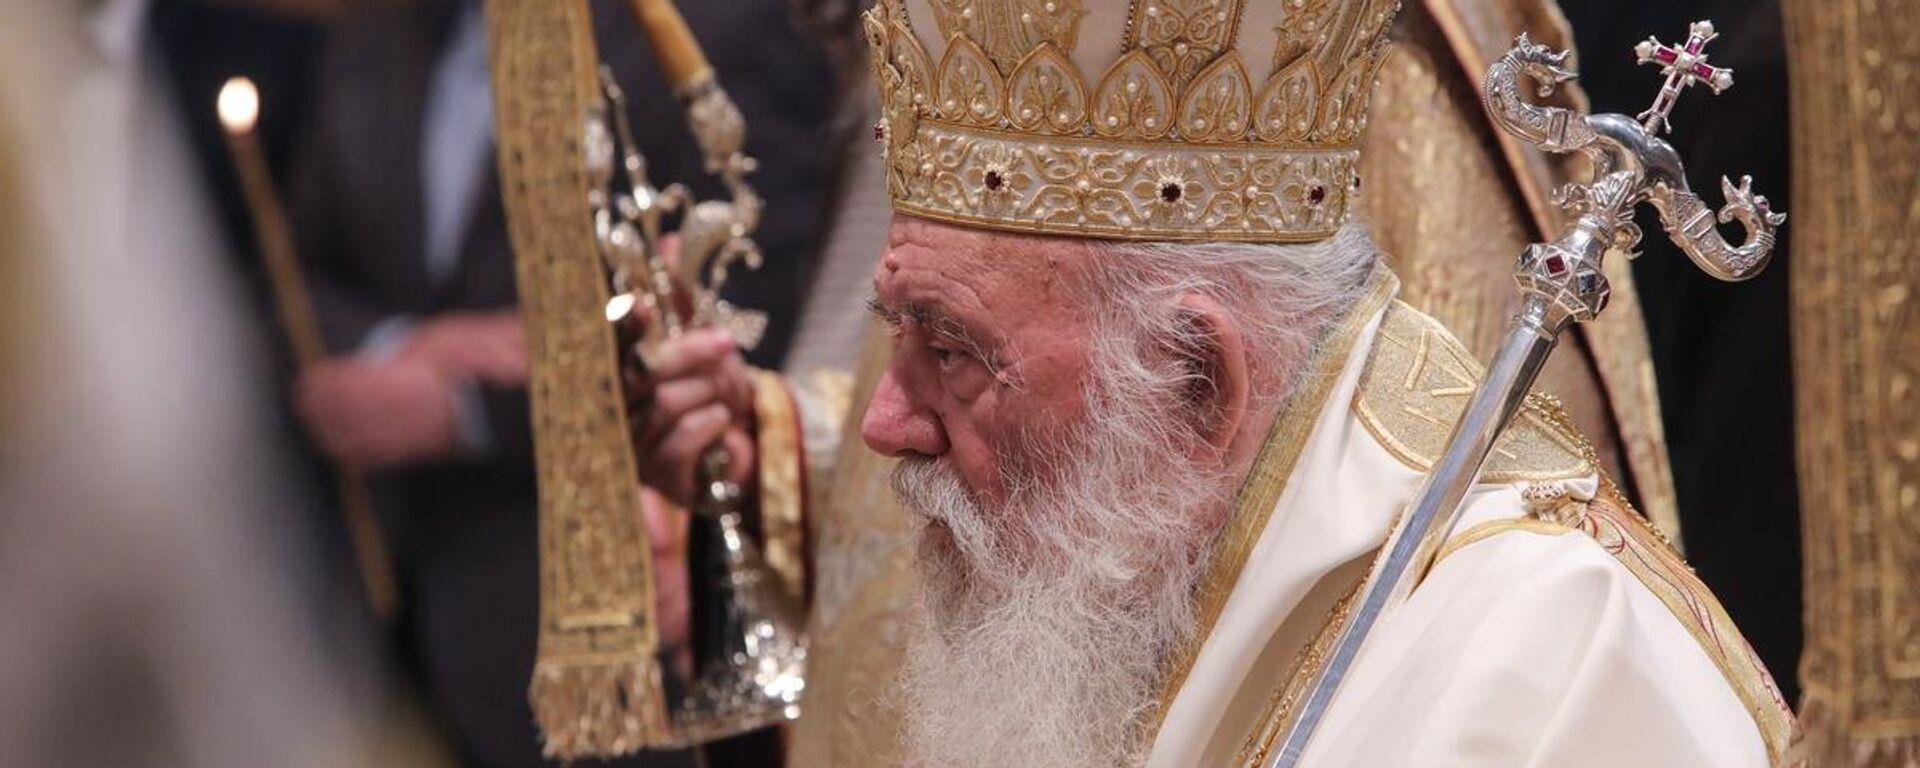 Αρχιεπίσκοπος Ιερώνυμος - Sputnik Ελλάδα, 1920, 25.05.2021